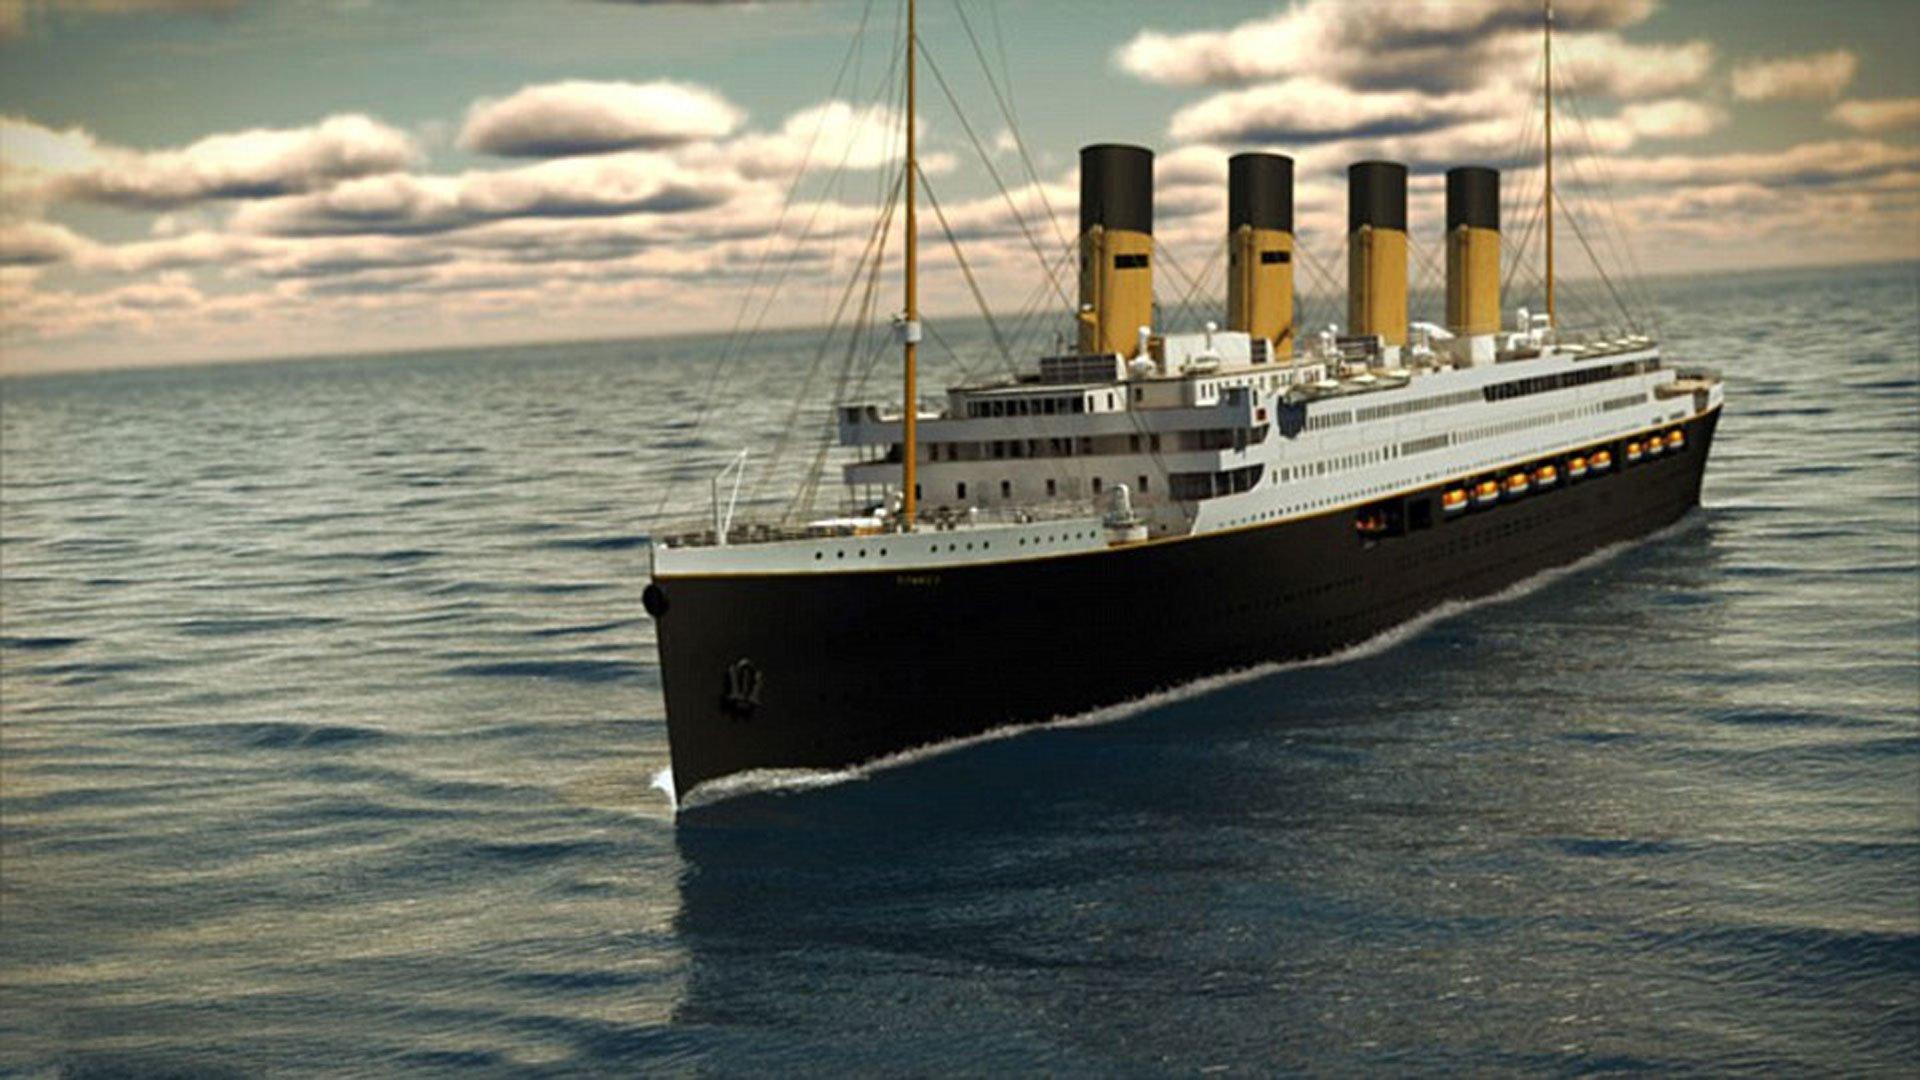 El Titanic II, la réplica proyectada por Blue Star Line que zarpará del puerto de Jiangsu, en China, hacia 2018